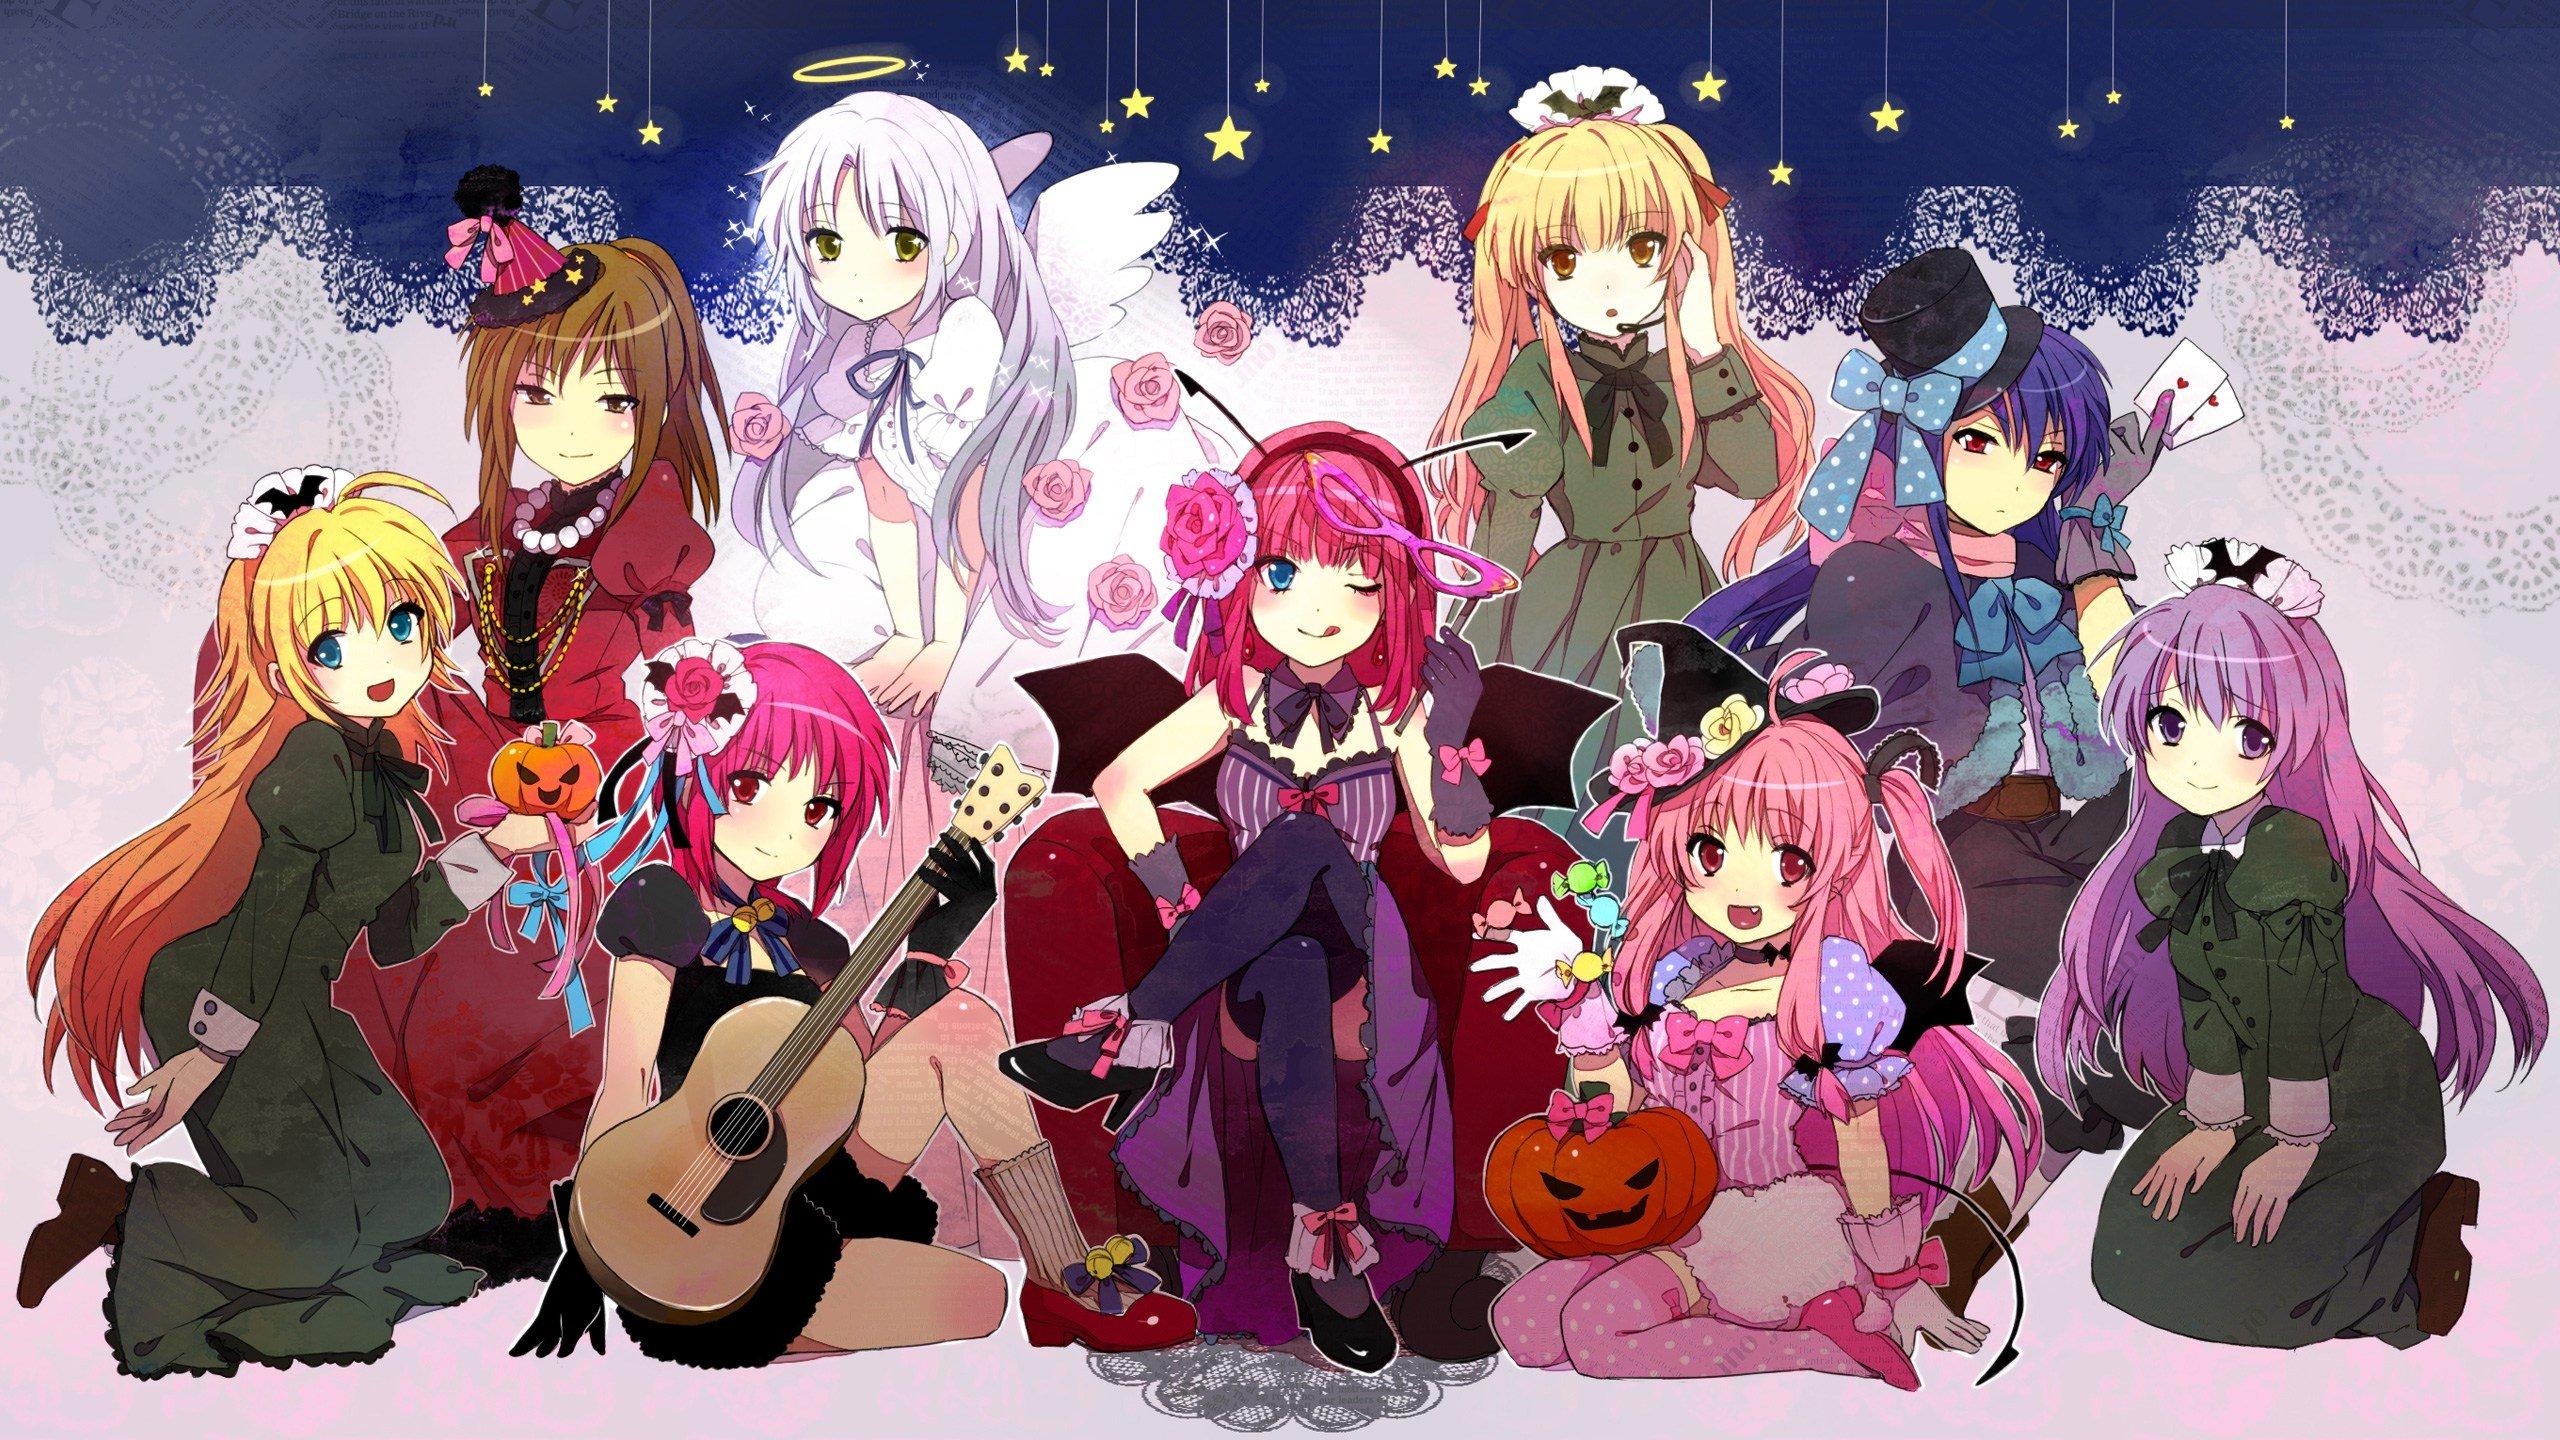 Картинки с персонажами аниме, новогодней открытке